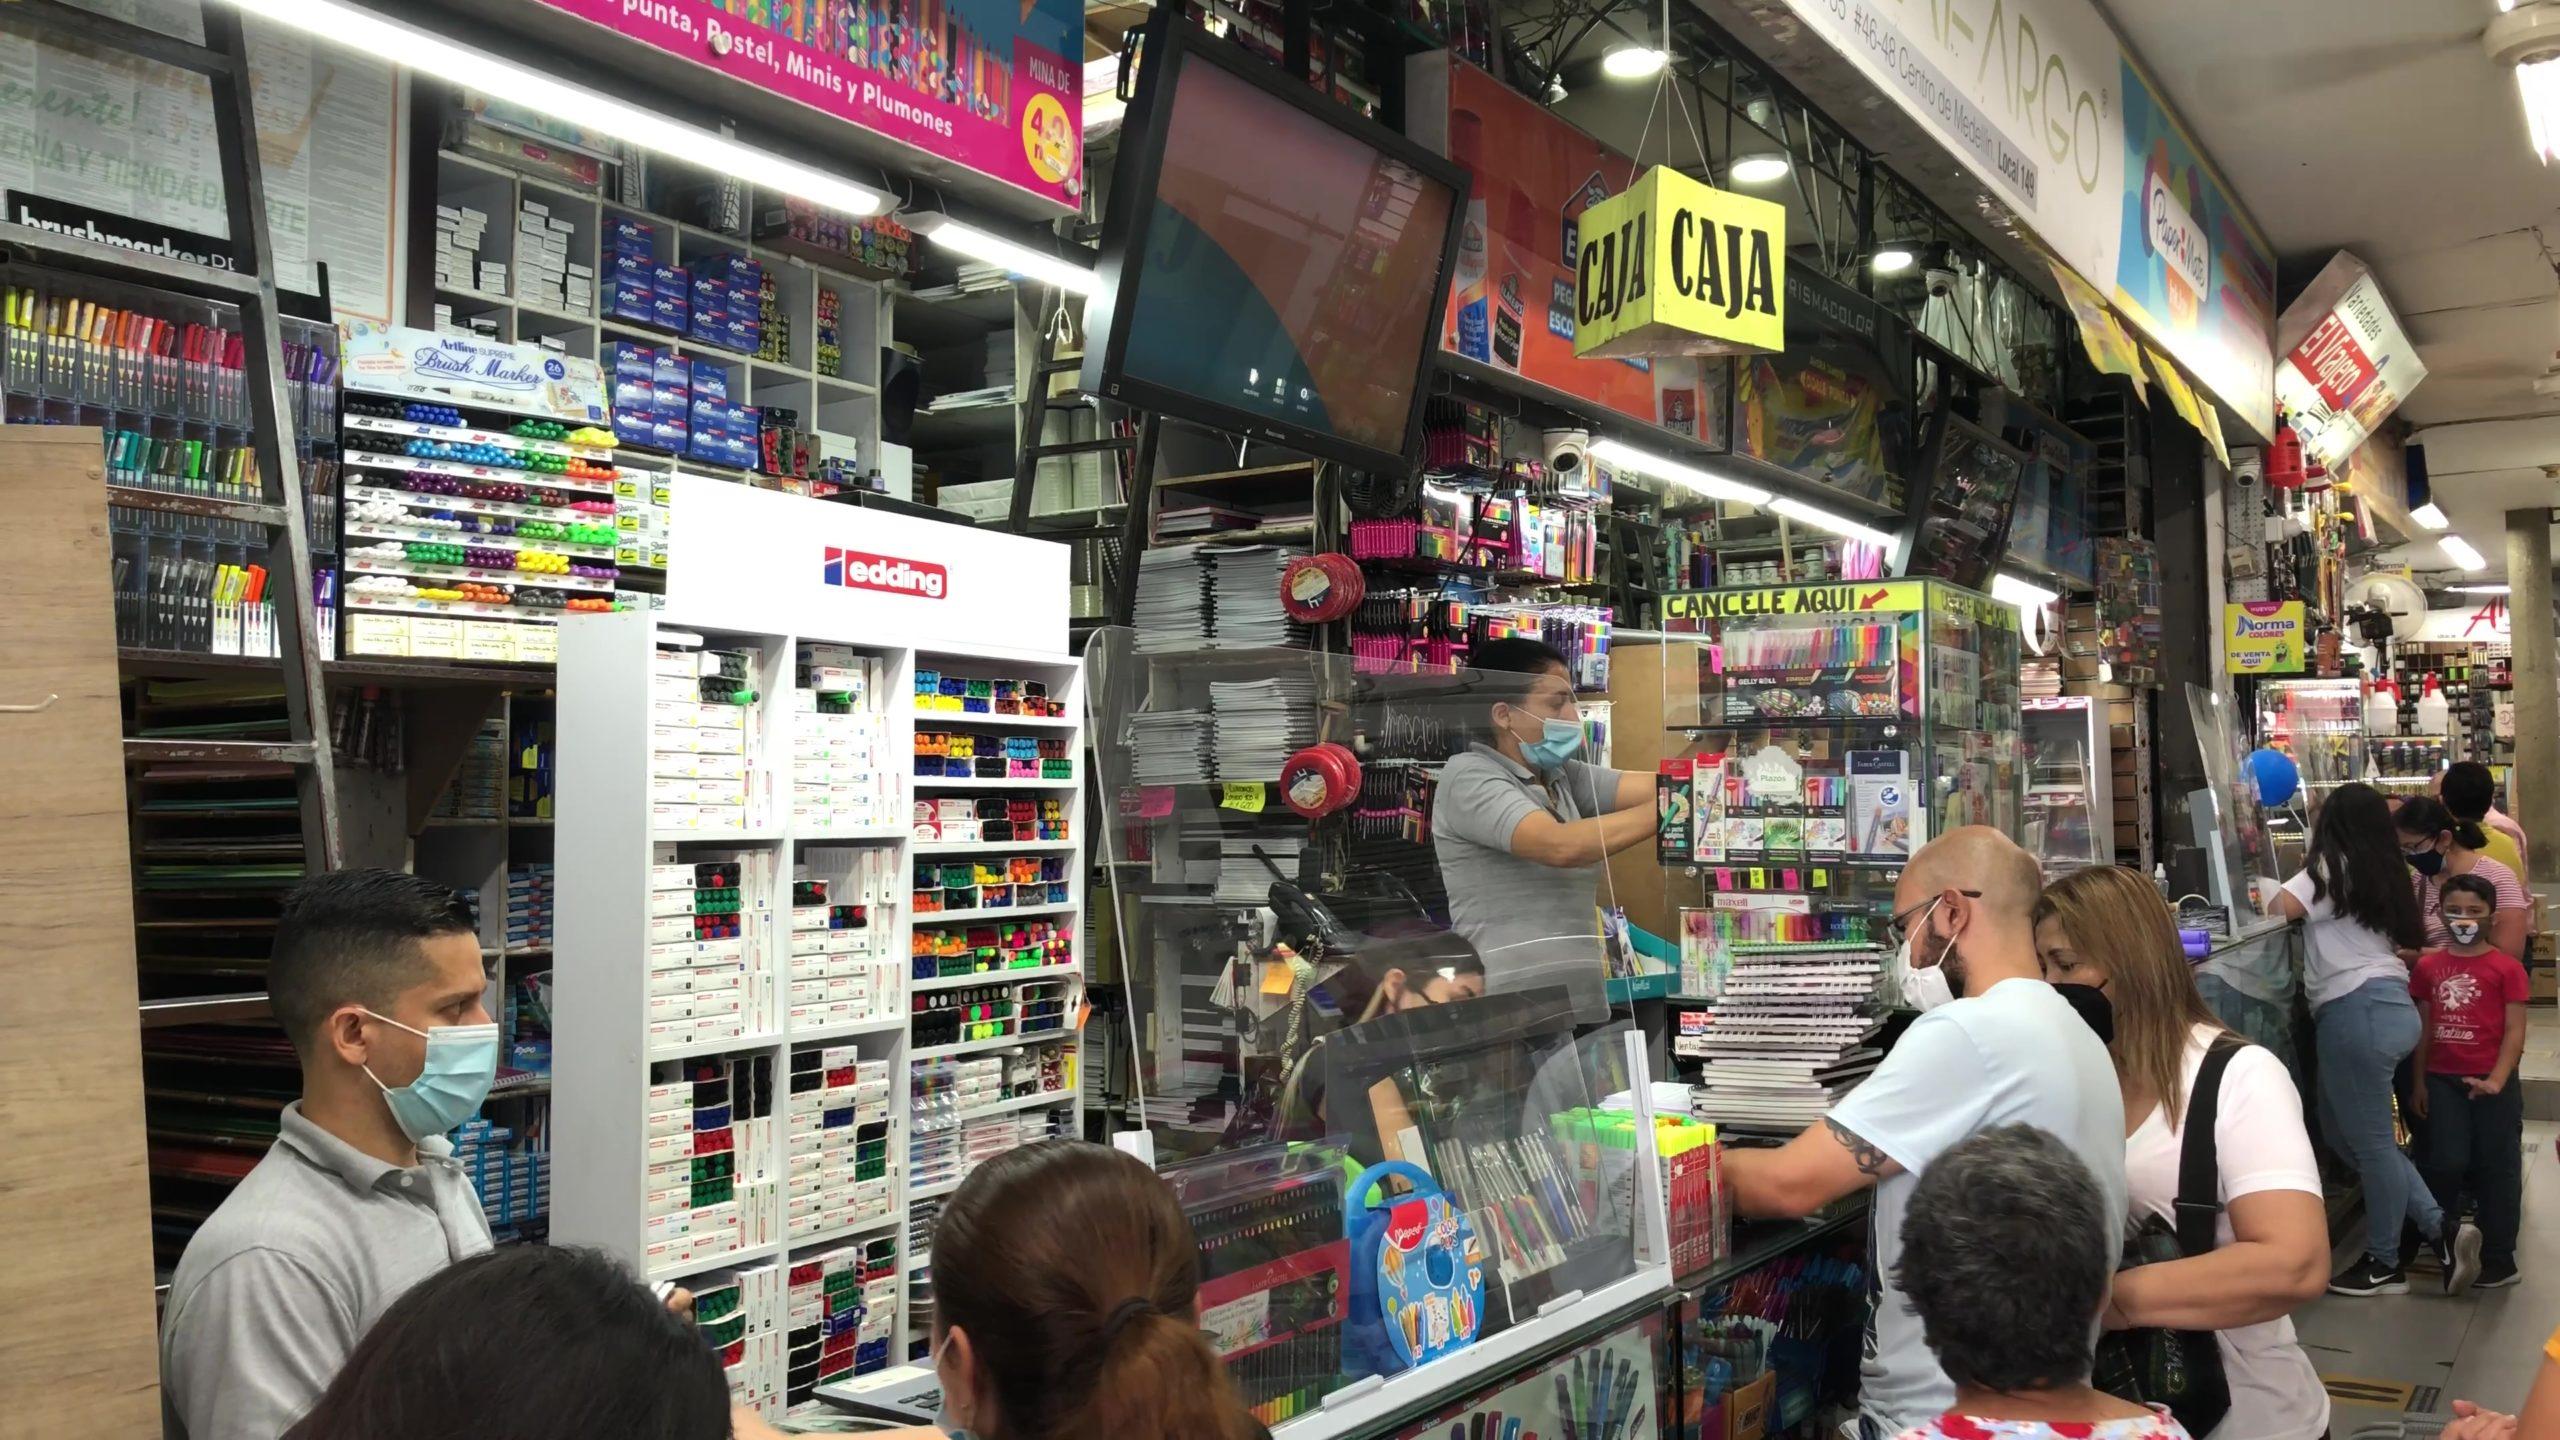 Panafargo papeleria en Medellin imagen